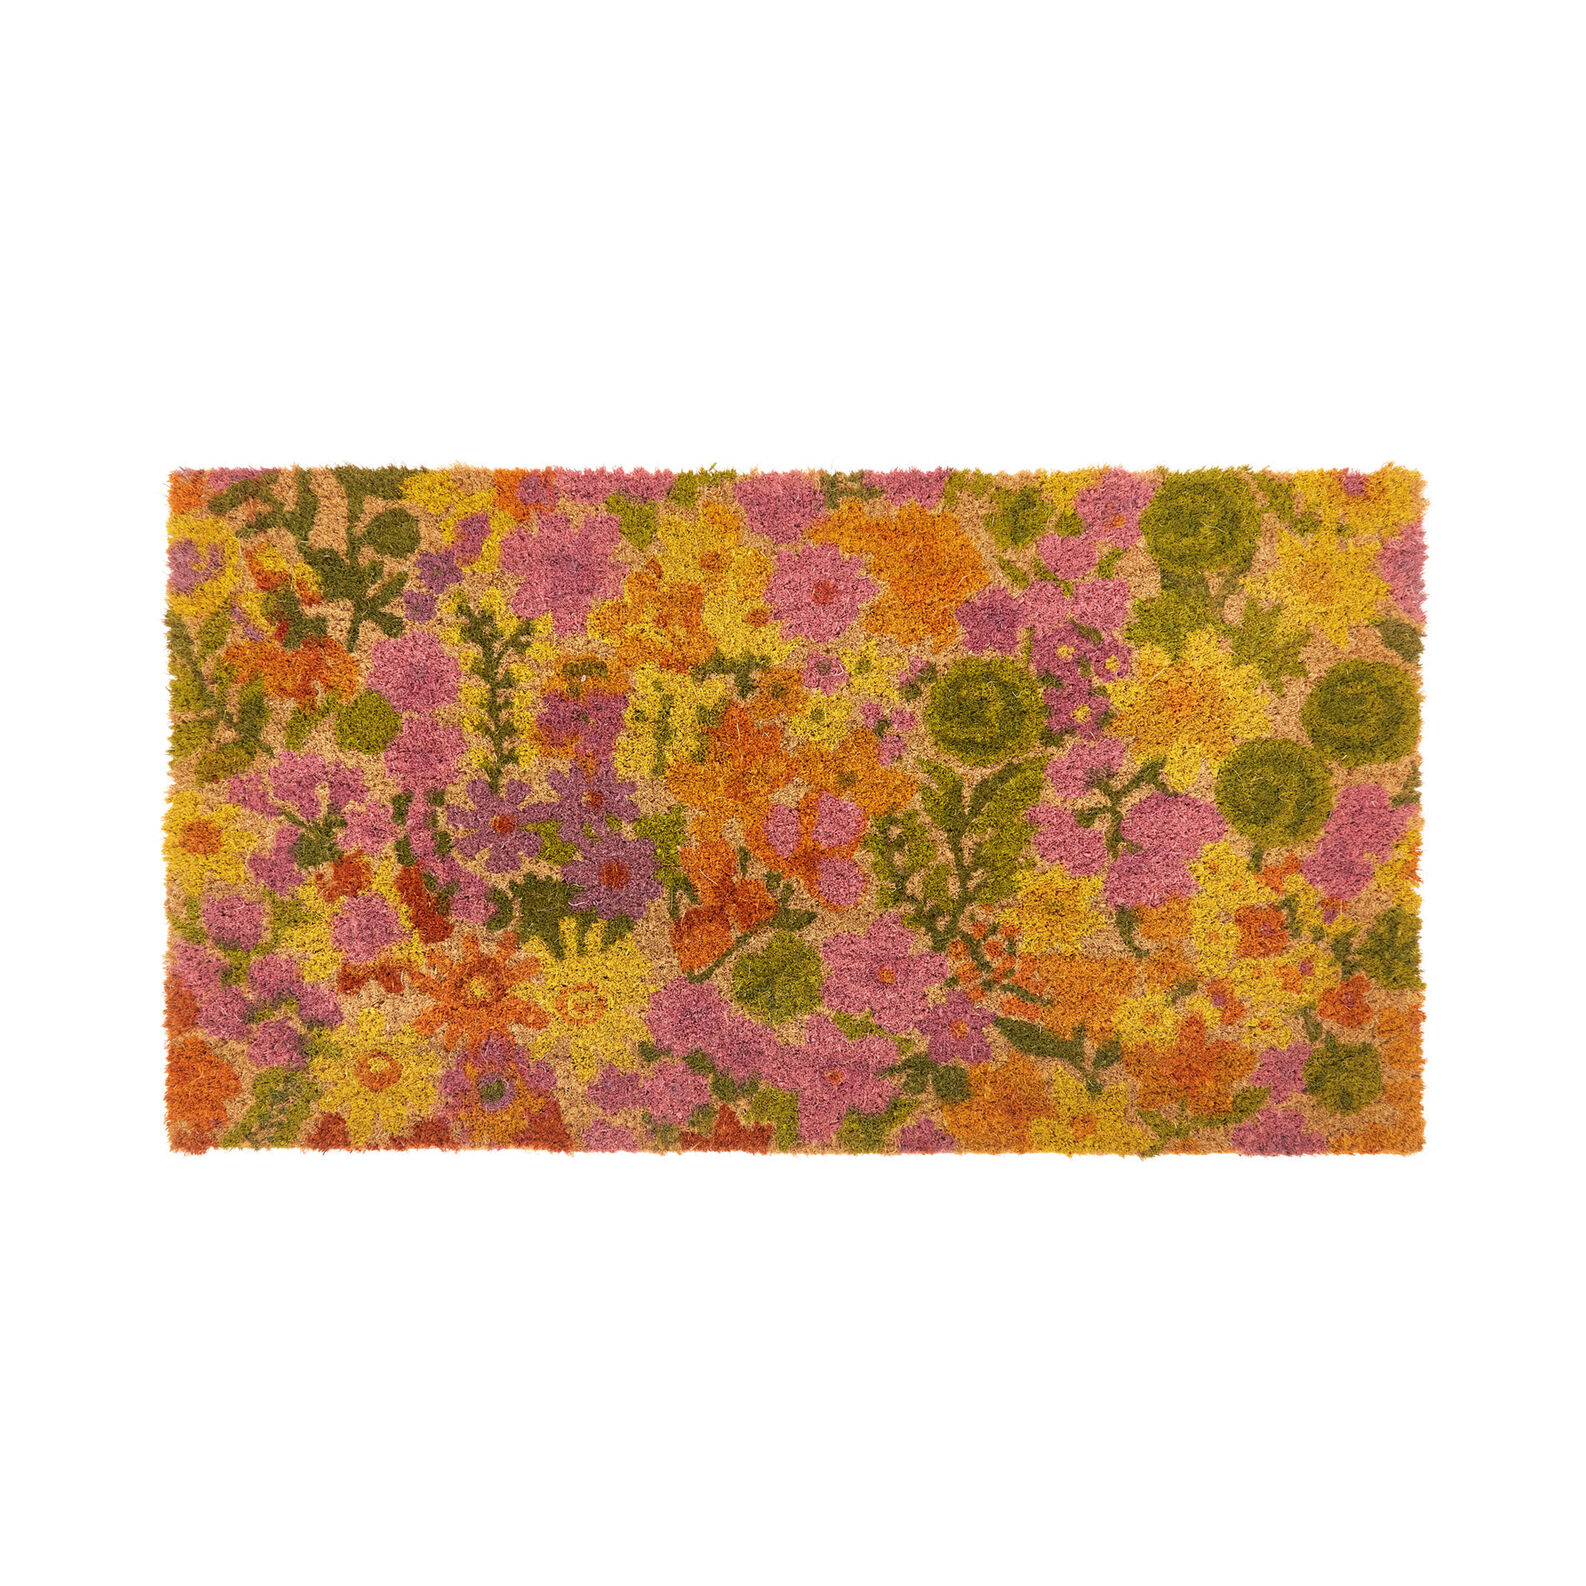 Coconut doormat with flowers print